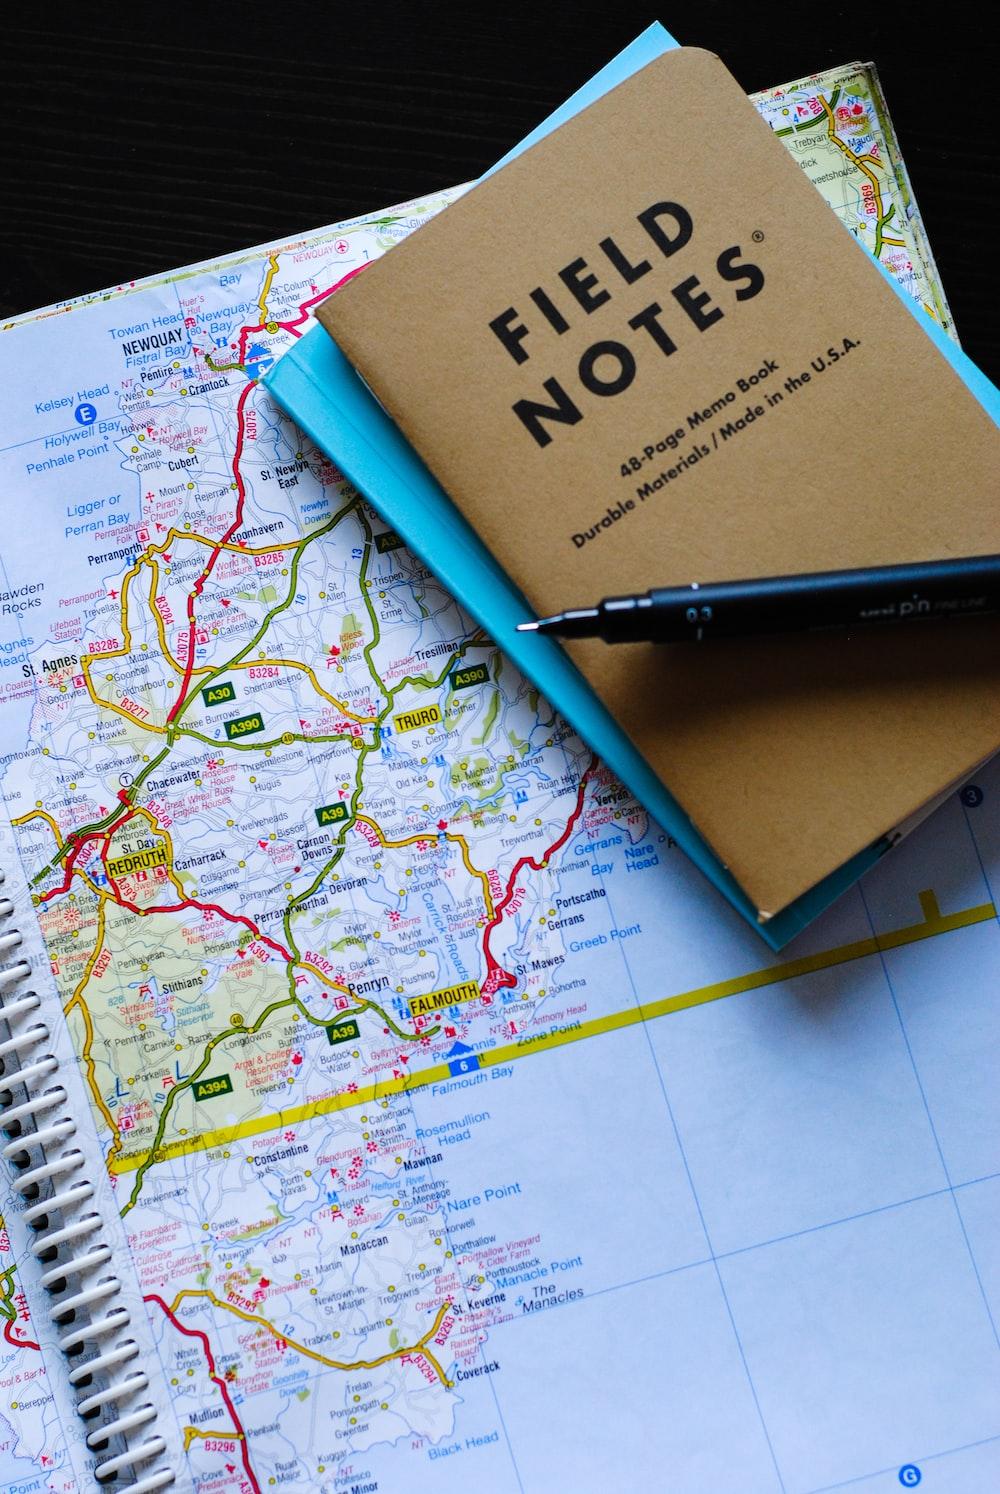 black gel pen on Field Notes book